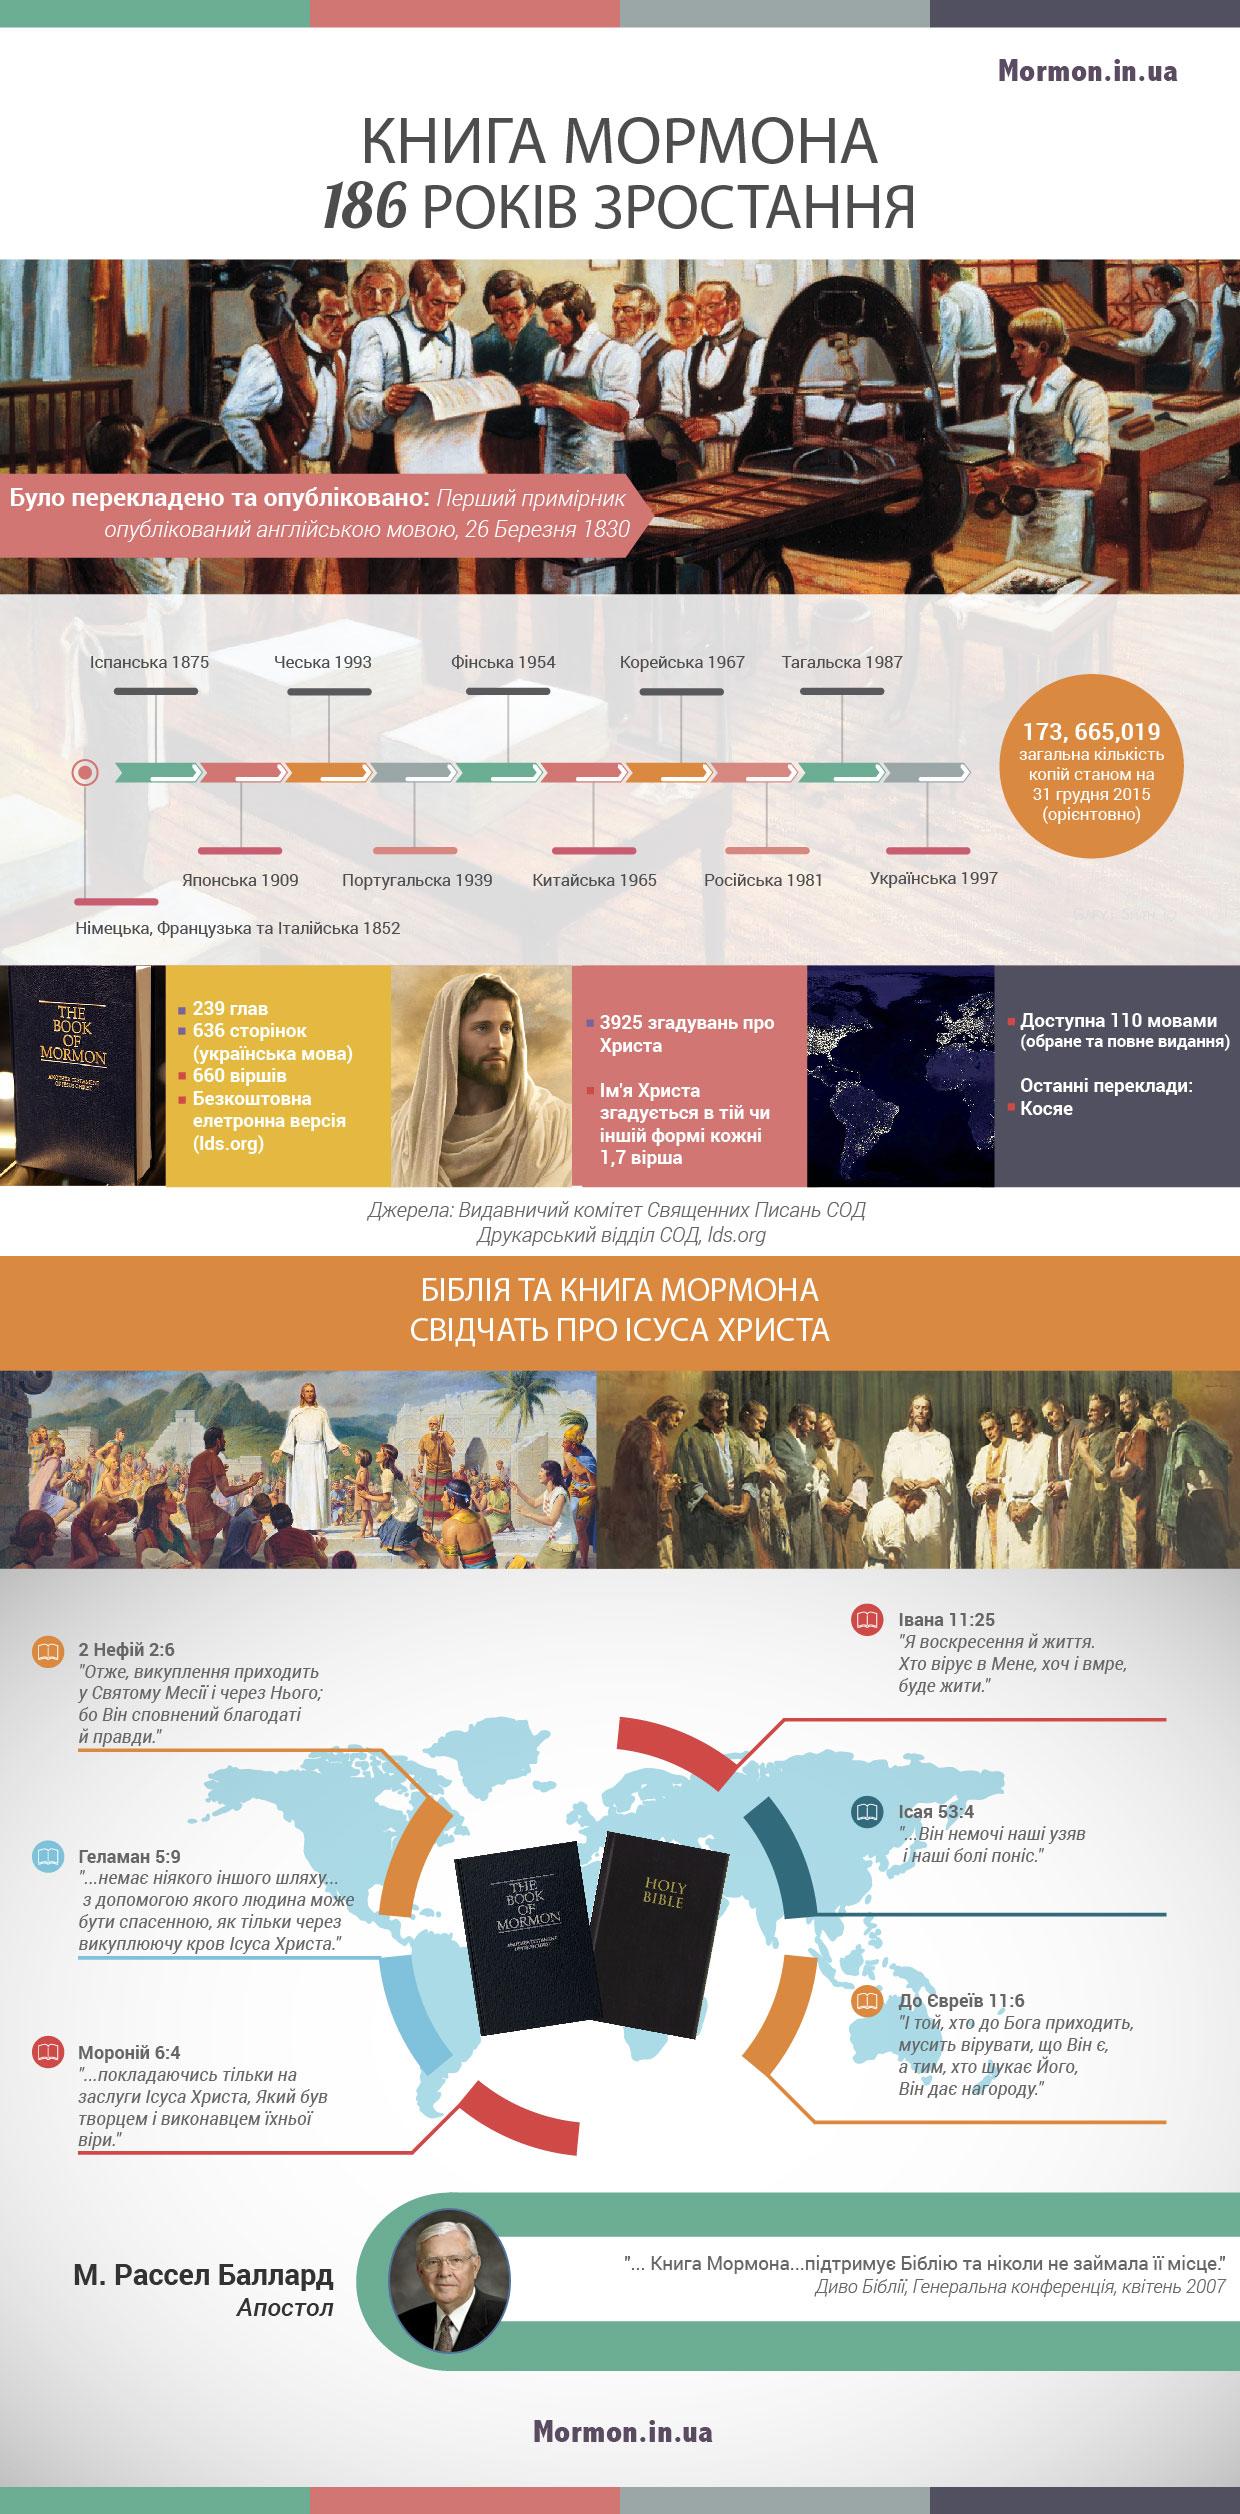 Книга Мормона - 186 років зростання